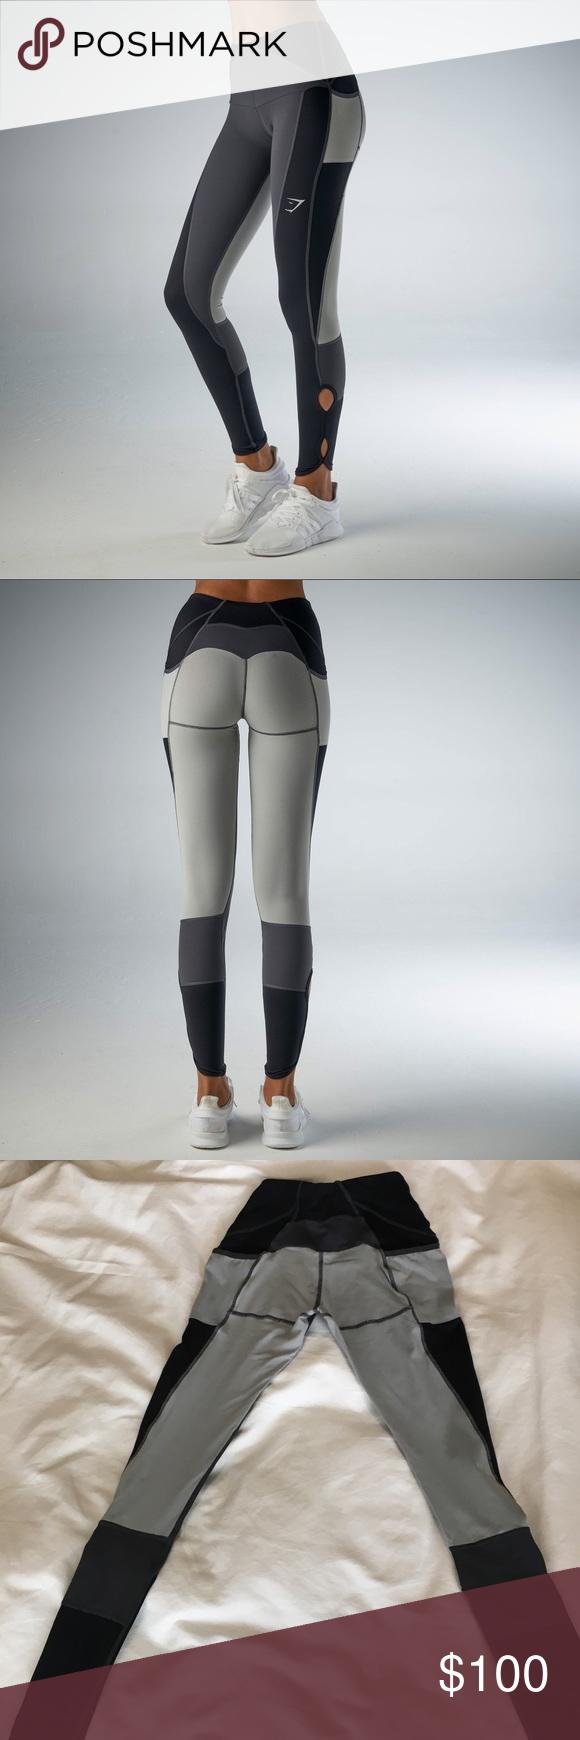 9260c79ef26460 Gymshark Prism Leggings - Black/Charcoal/Lt. Grey Gymshark Prism Leggings  in Black